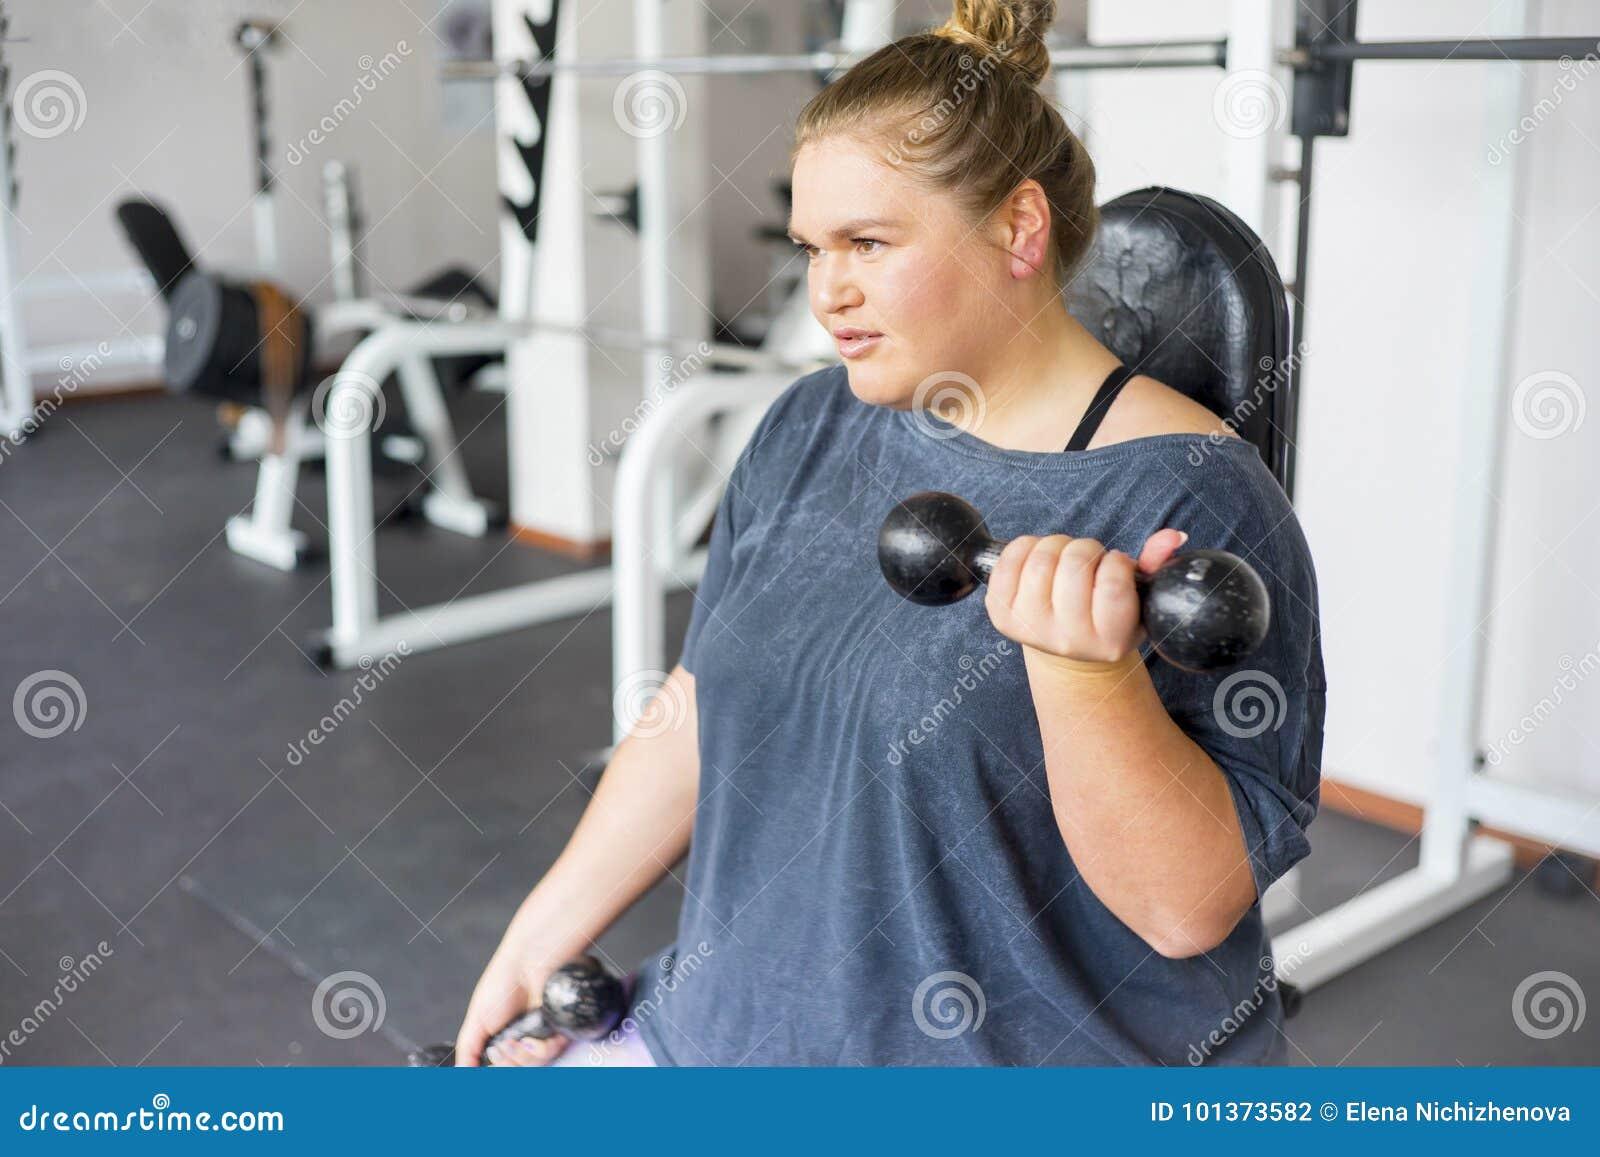 Тучная девушка в спортзале